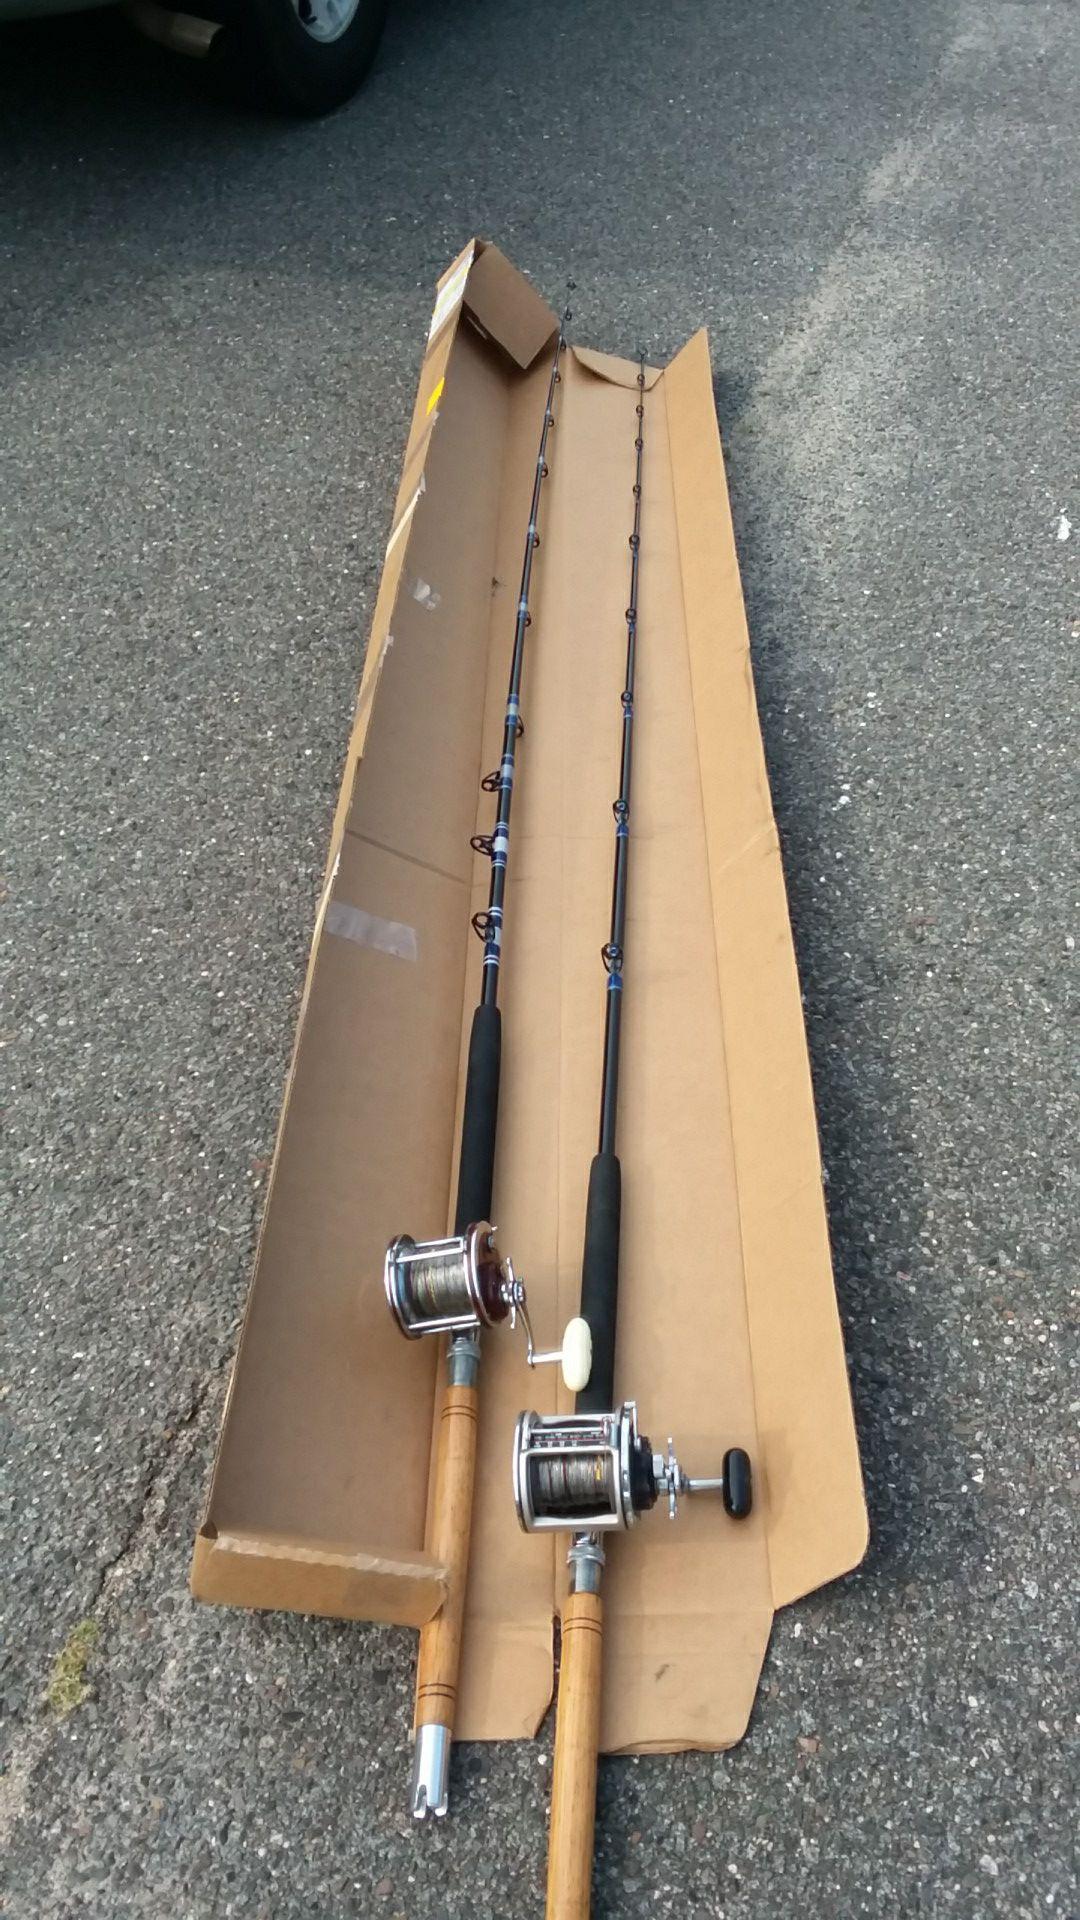 Custom made bunker spoons rods